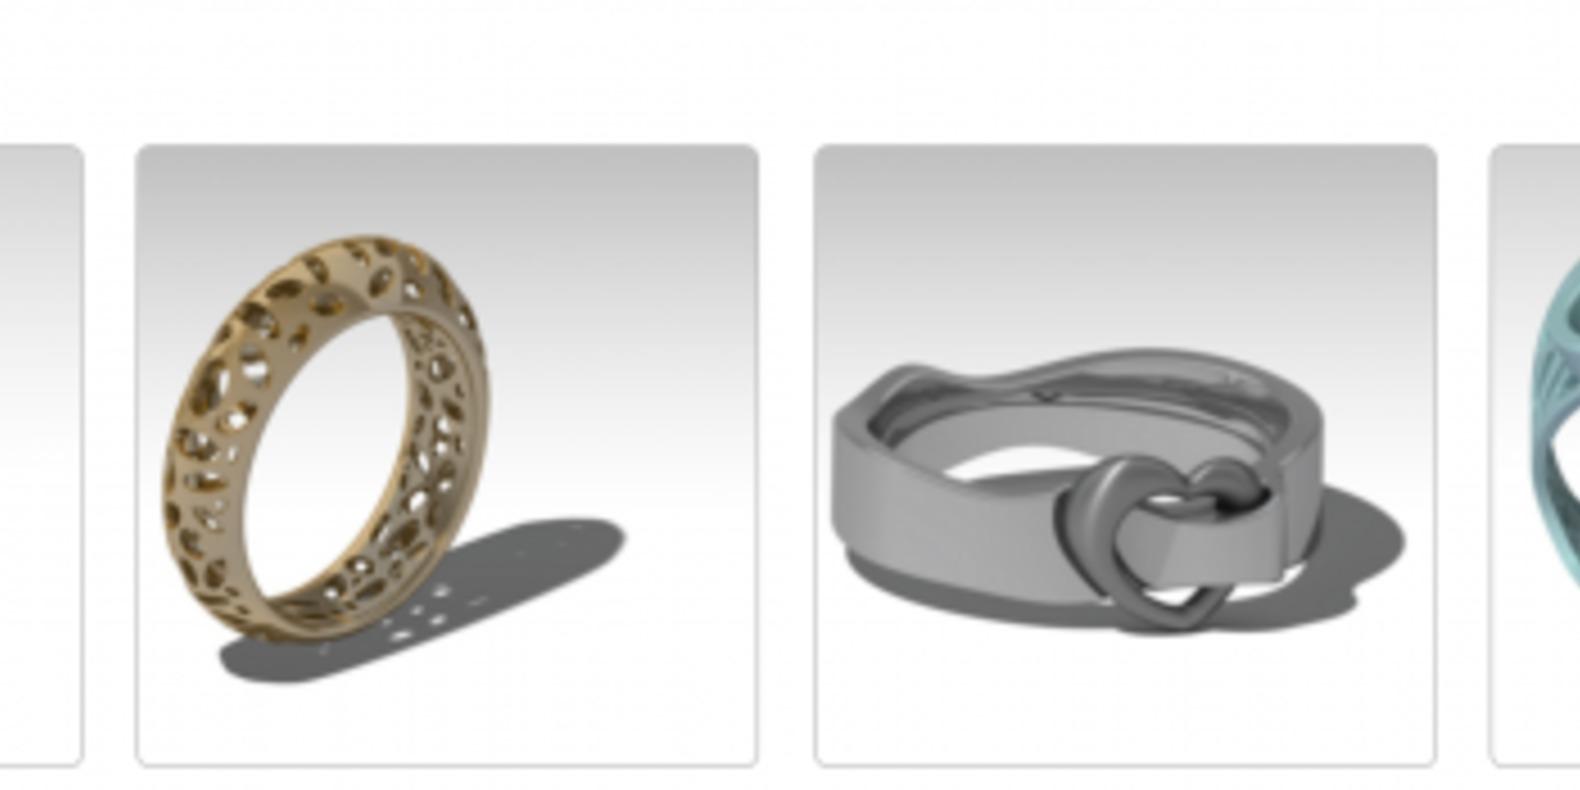 http://fichier3d.fr/wp-content/uploads/2017/01/JP-Design-fichier-3D-modèle-3D-impression-3D-imprimante-3D-3D-printing-3D-model-3D-file-Design-Design-3D1.png